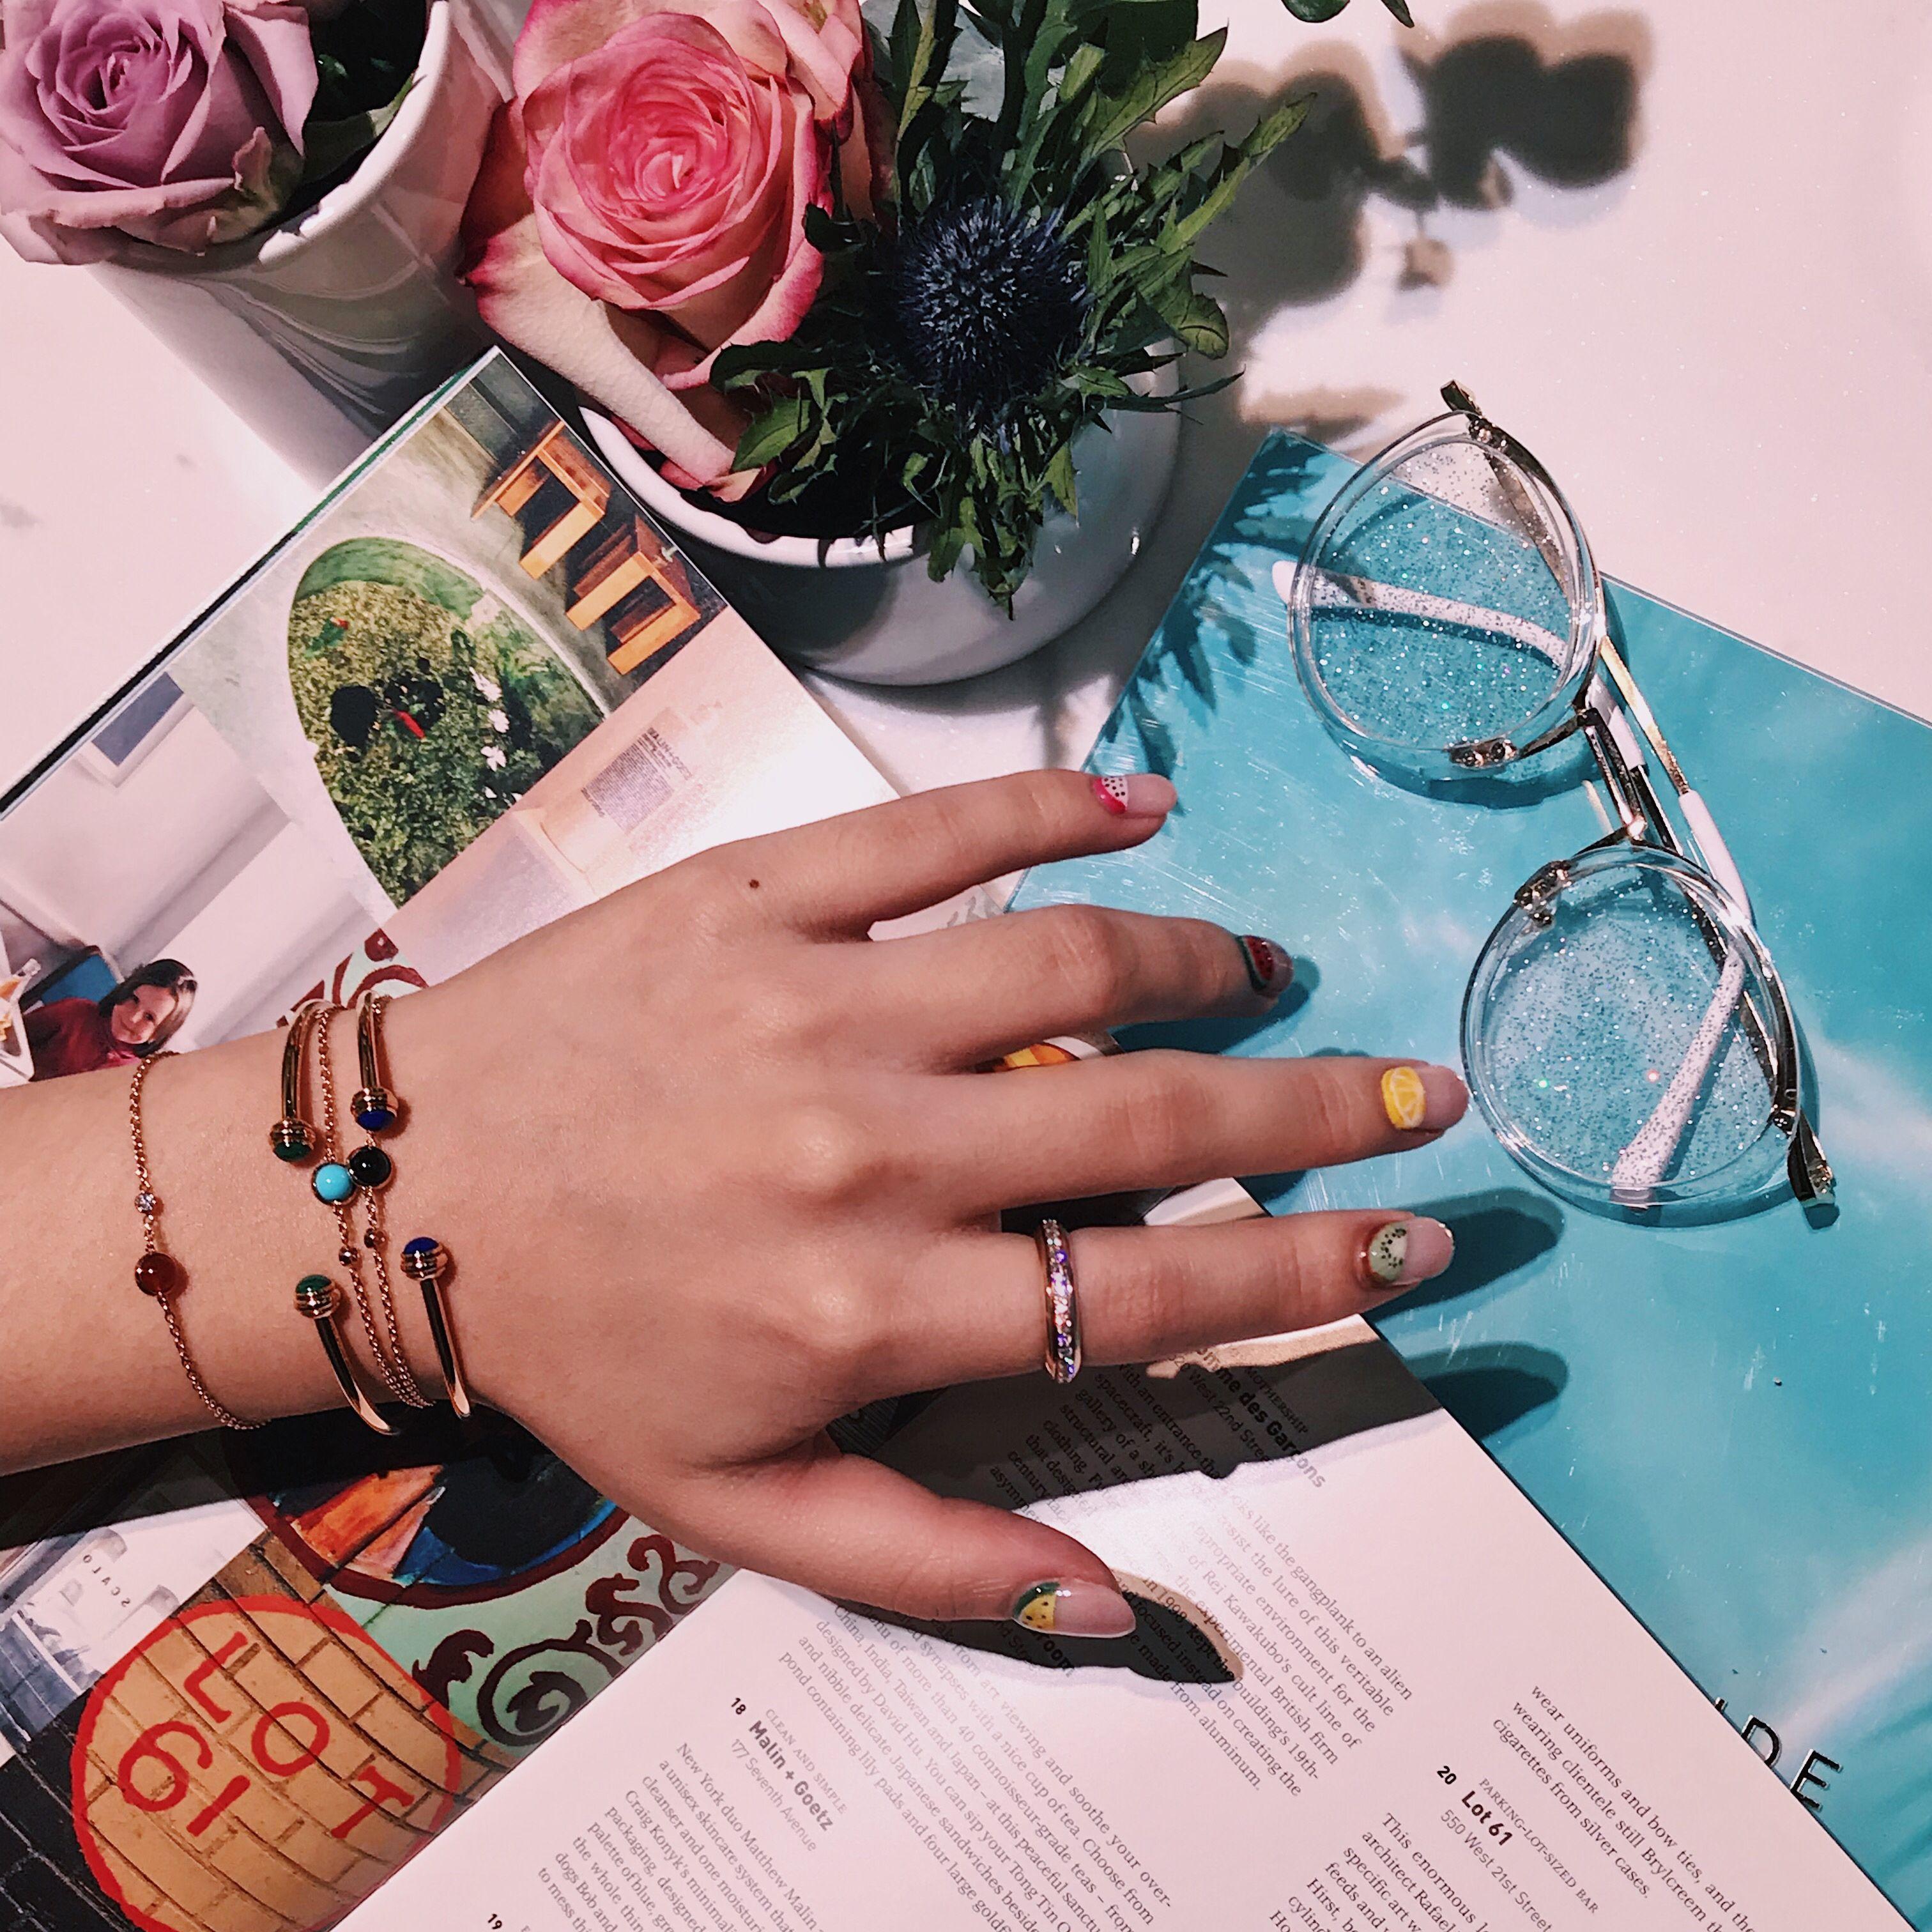 閨蜜手鍊,手鍊,手鐲,Piaget Possession,Piaget,珠寶,輕珠寶,手錶,七夕,情人節,